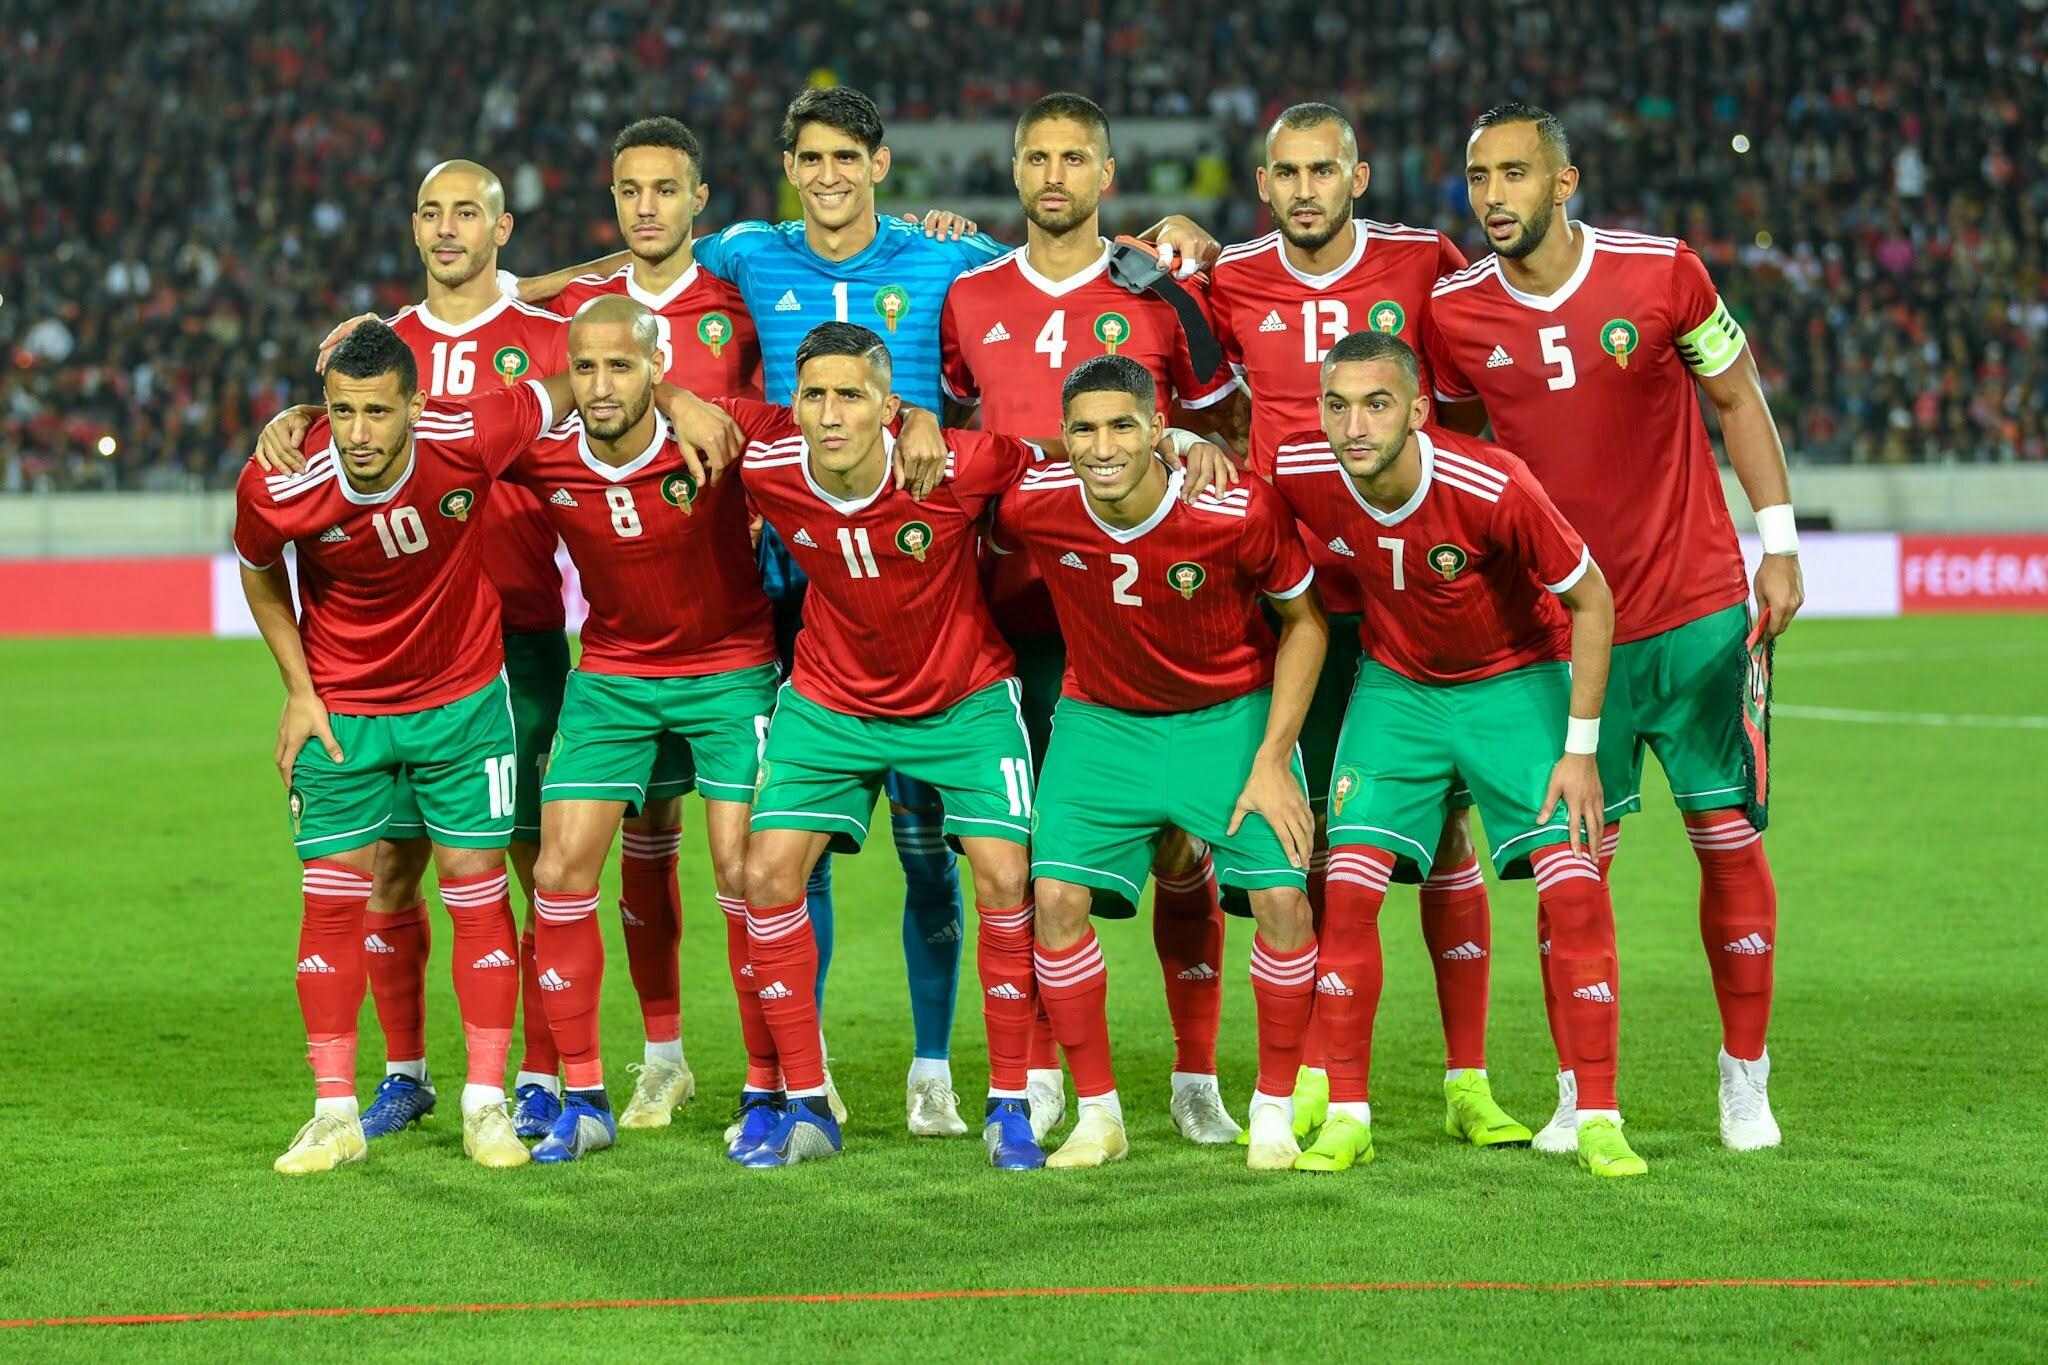 رسميا: مباراتان وديتان للمنتخب الوطني قبل خوض نهائيات كأس إفريقيا للأمم بمصر